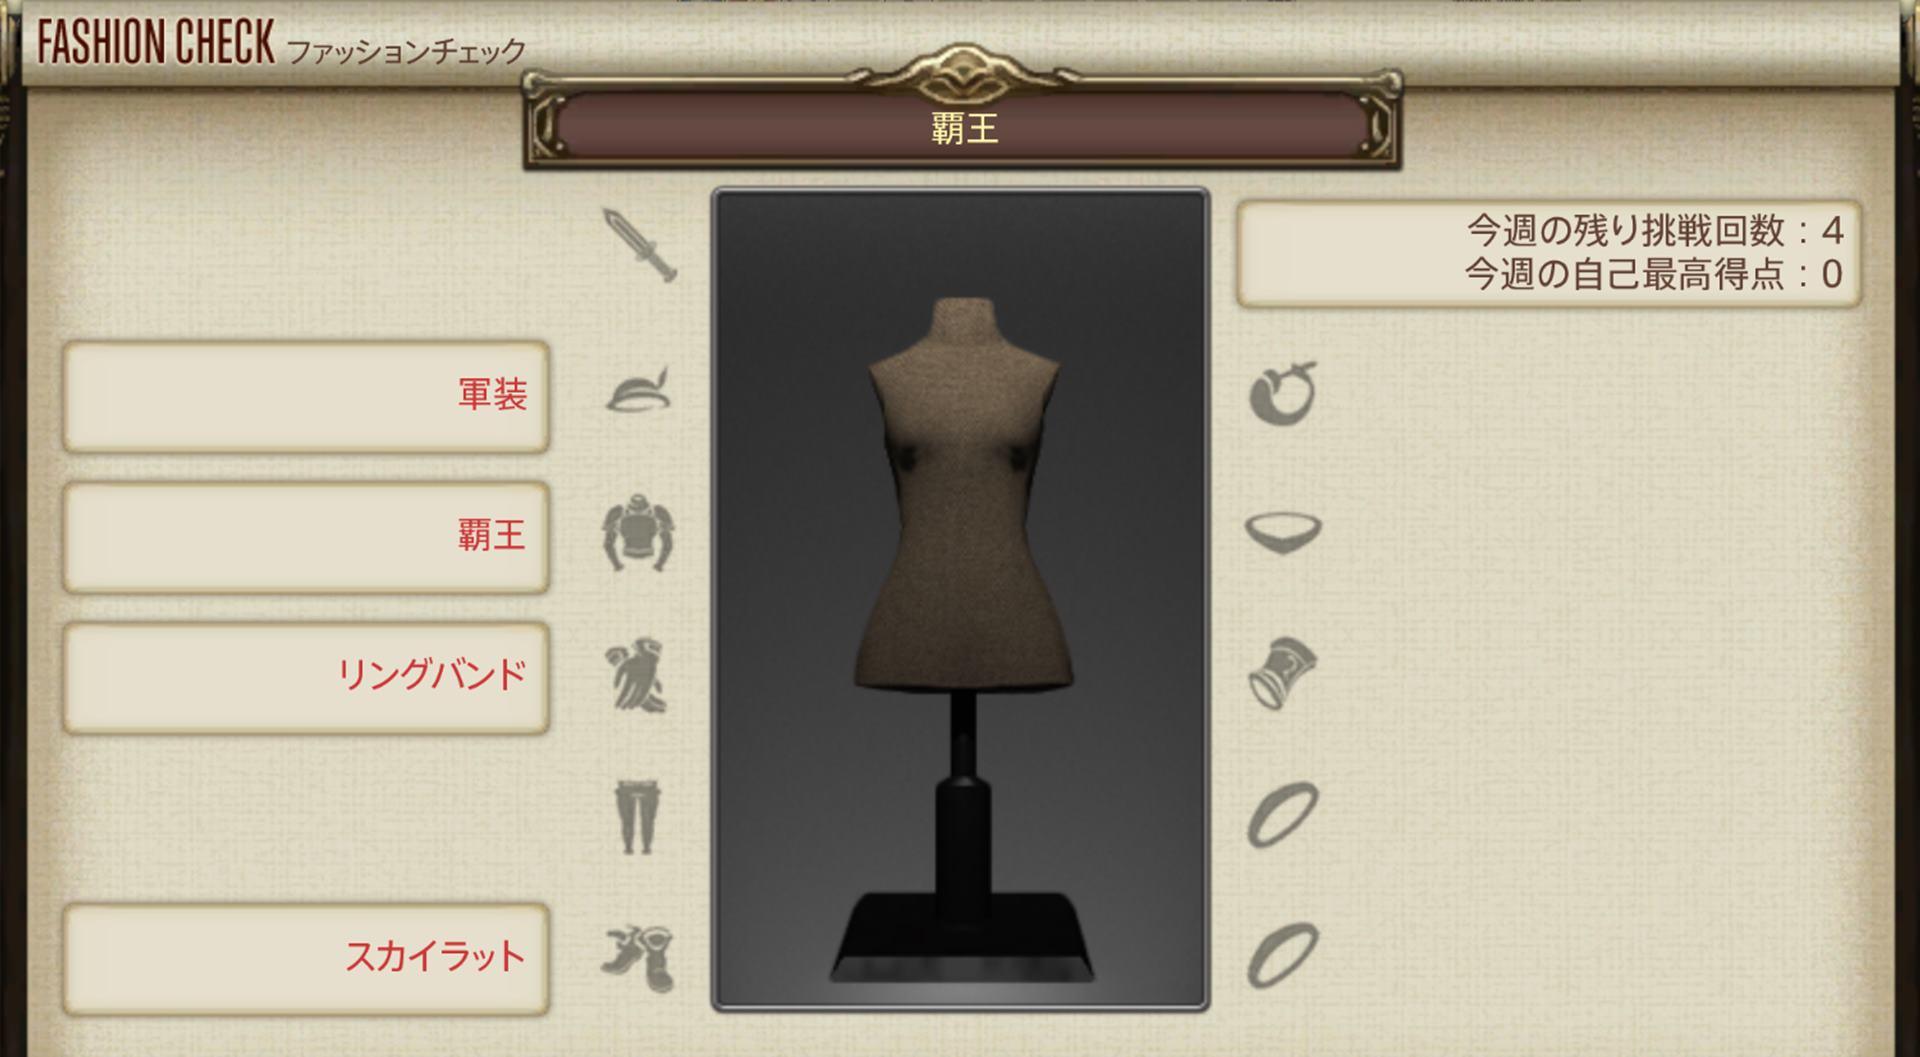 っf14 ファッションチェック